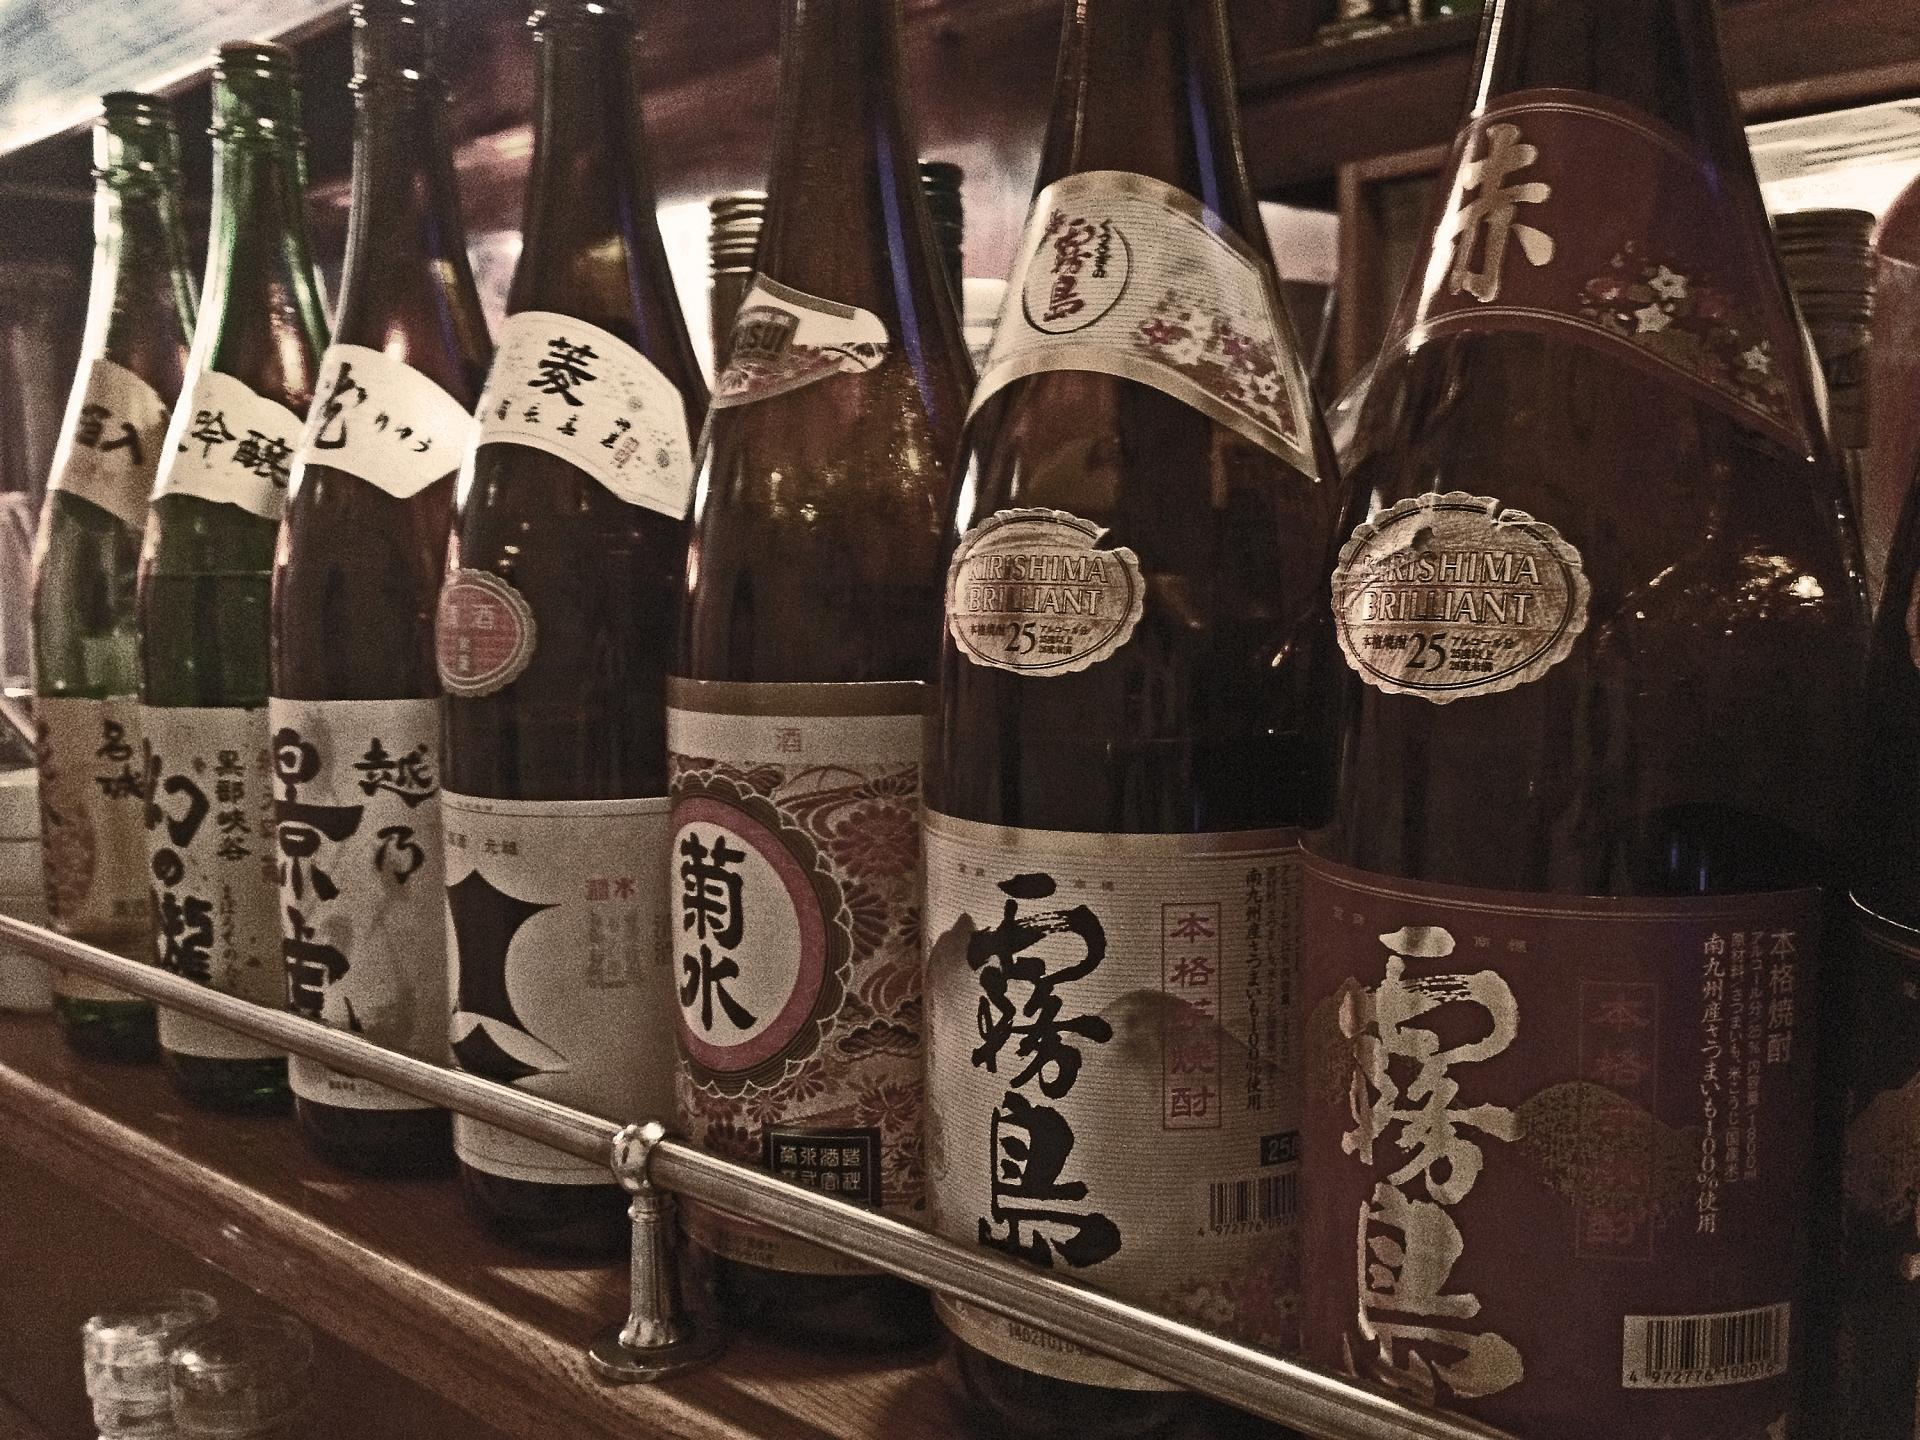 日本酒の種類や味の違いは?相性の良い料理やおすすめの飲み方!